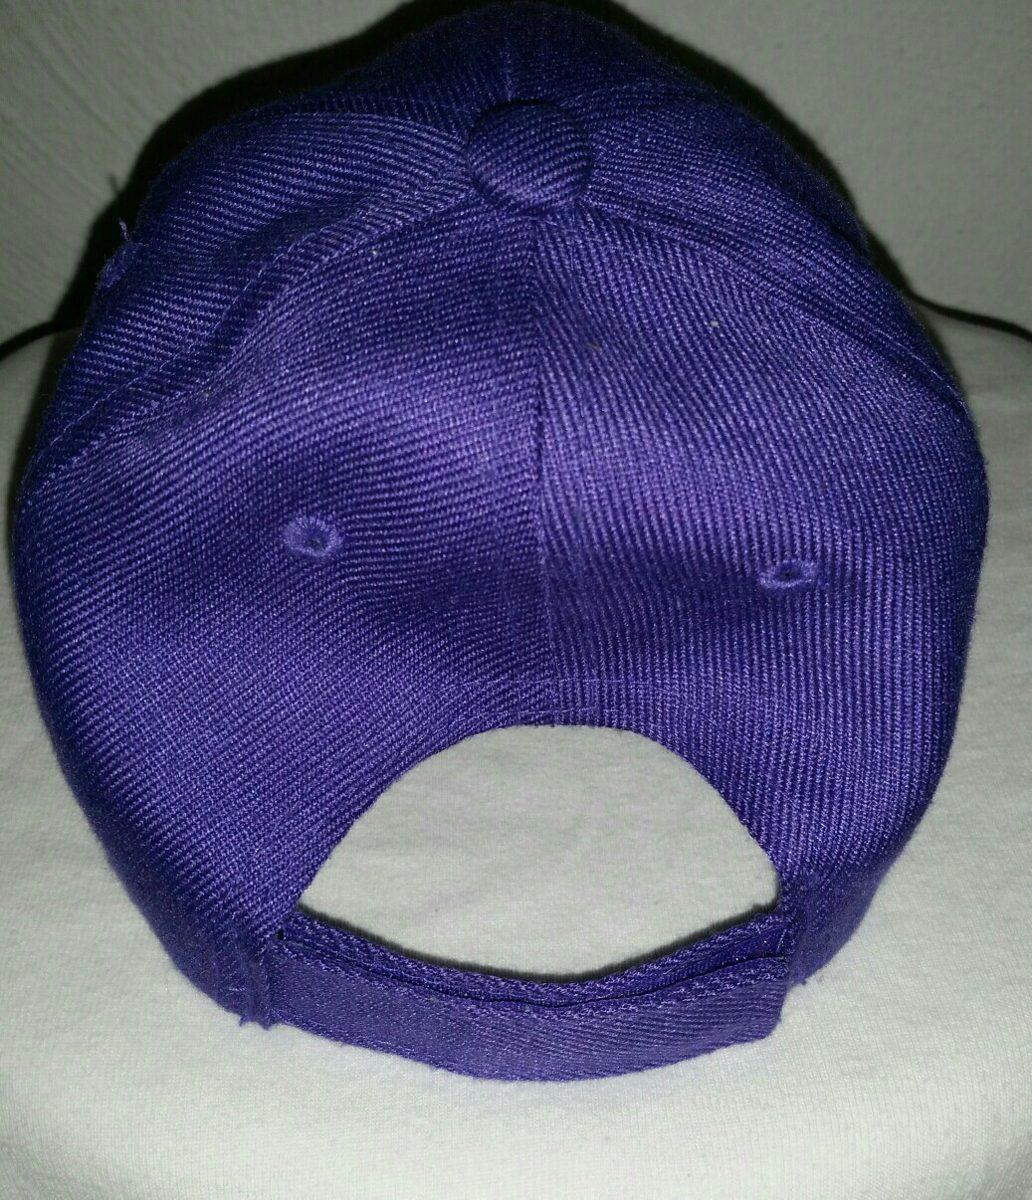 Gorras Personalizadas Bordadas -   45.00 en Mercado Libre e54b70d5ff8